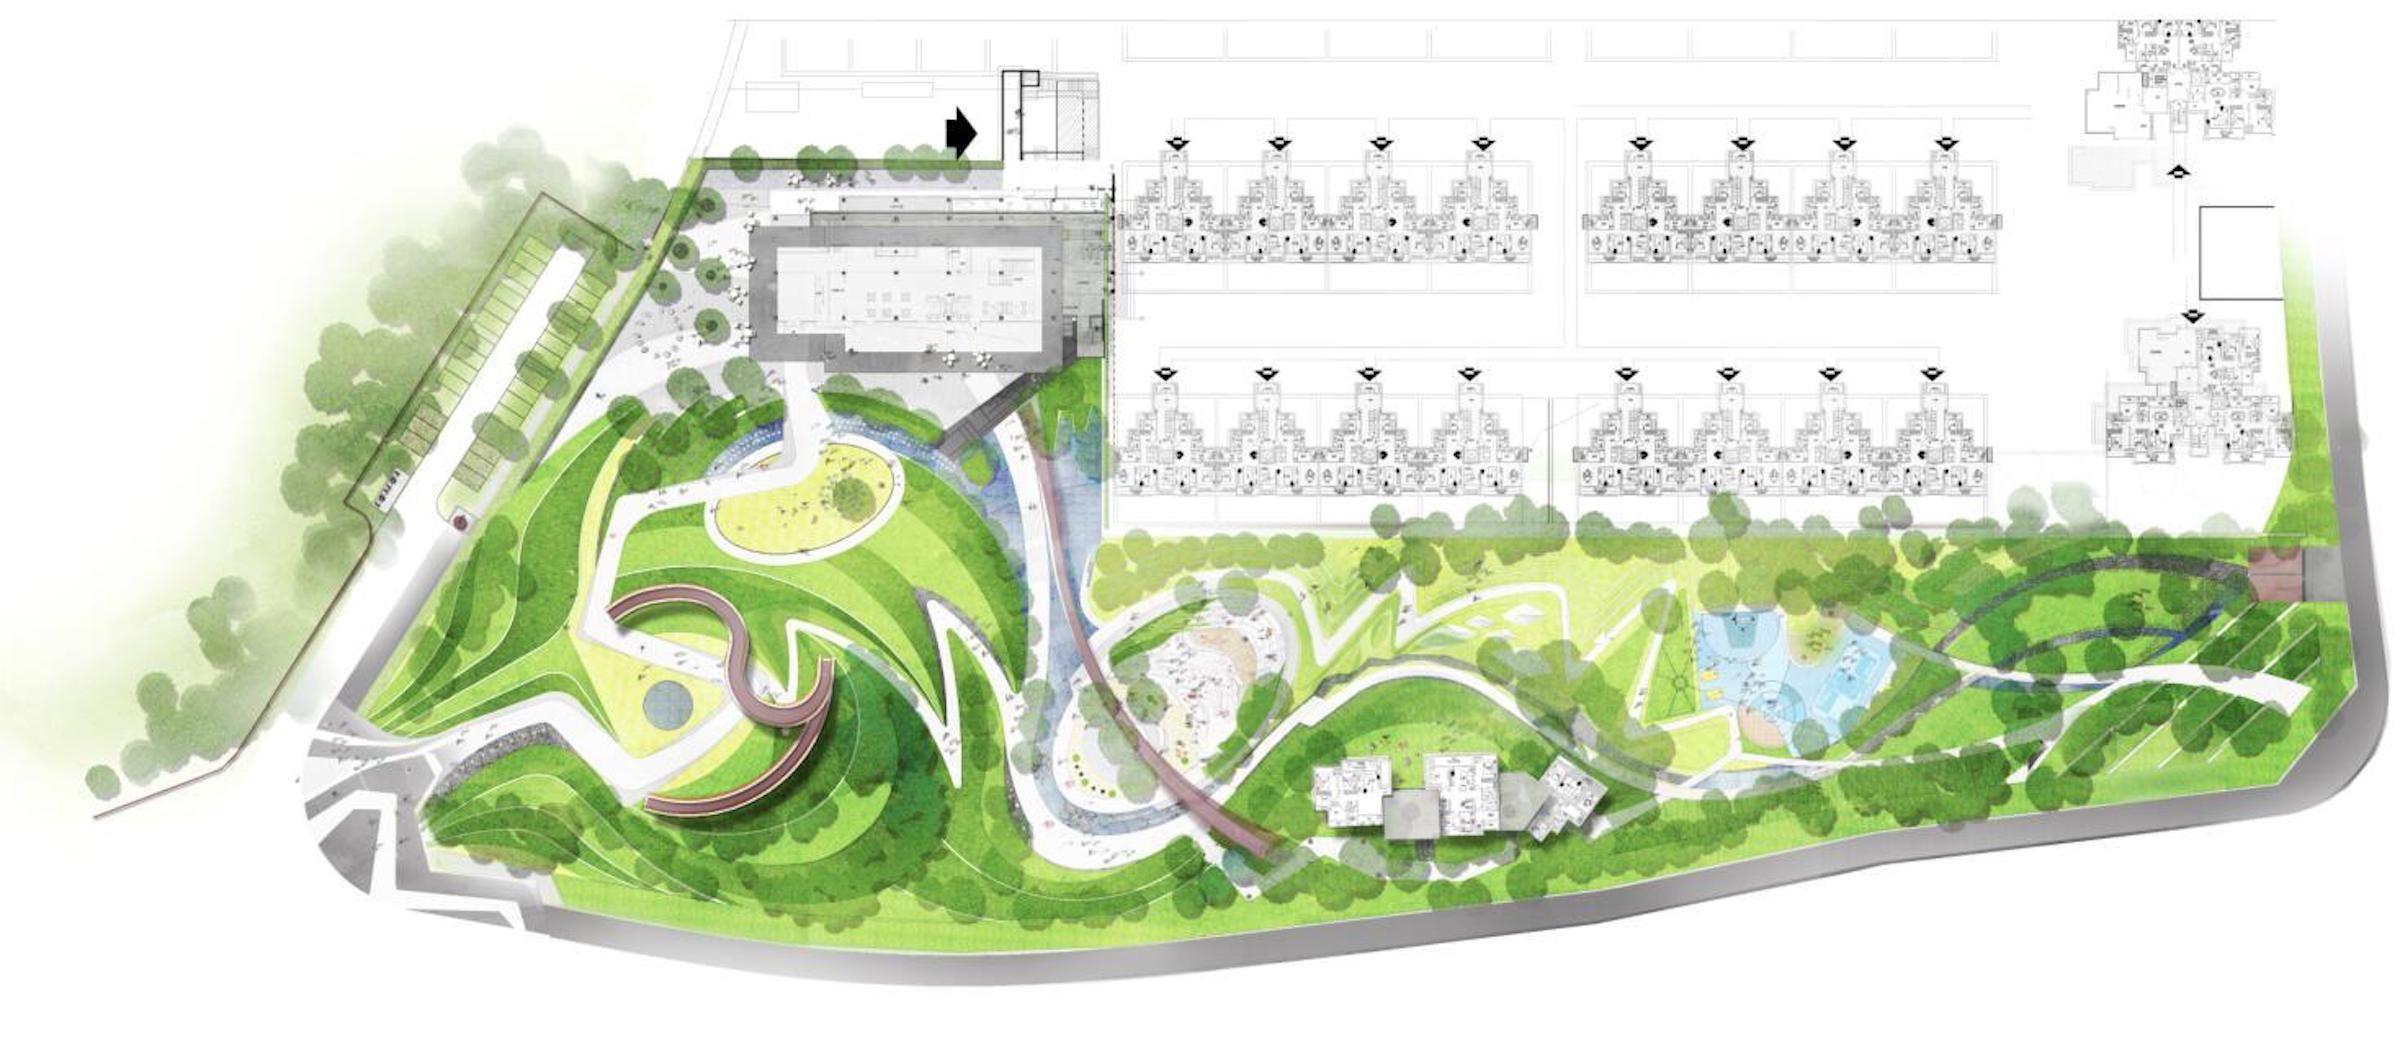 Dongyuan Never Land By Daoyuan道远景观 Landscape Plan Master Plan Landscape Design